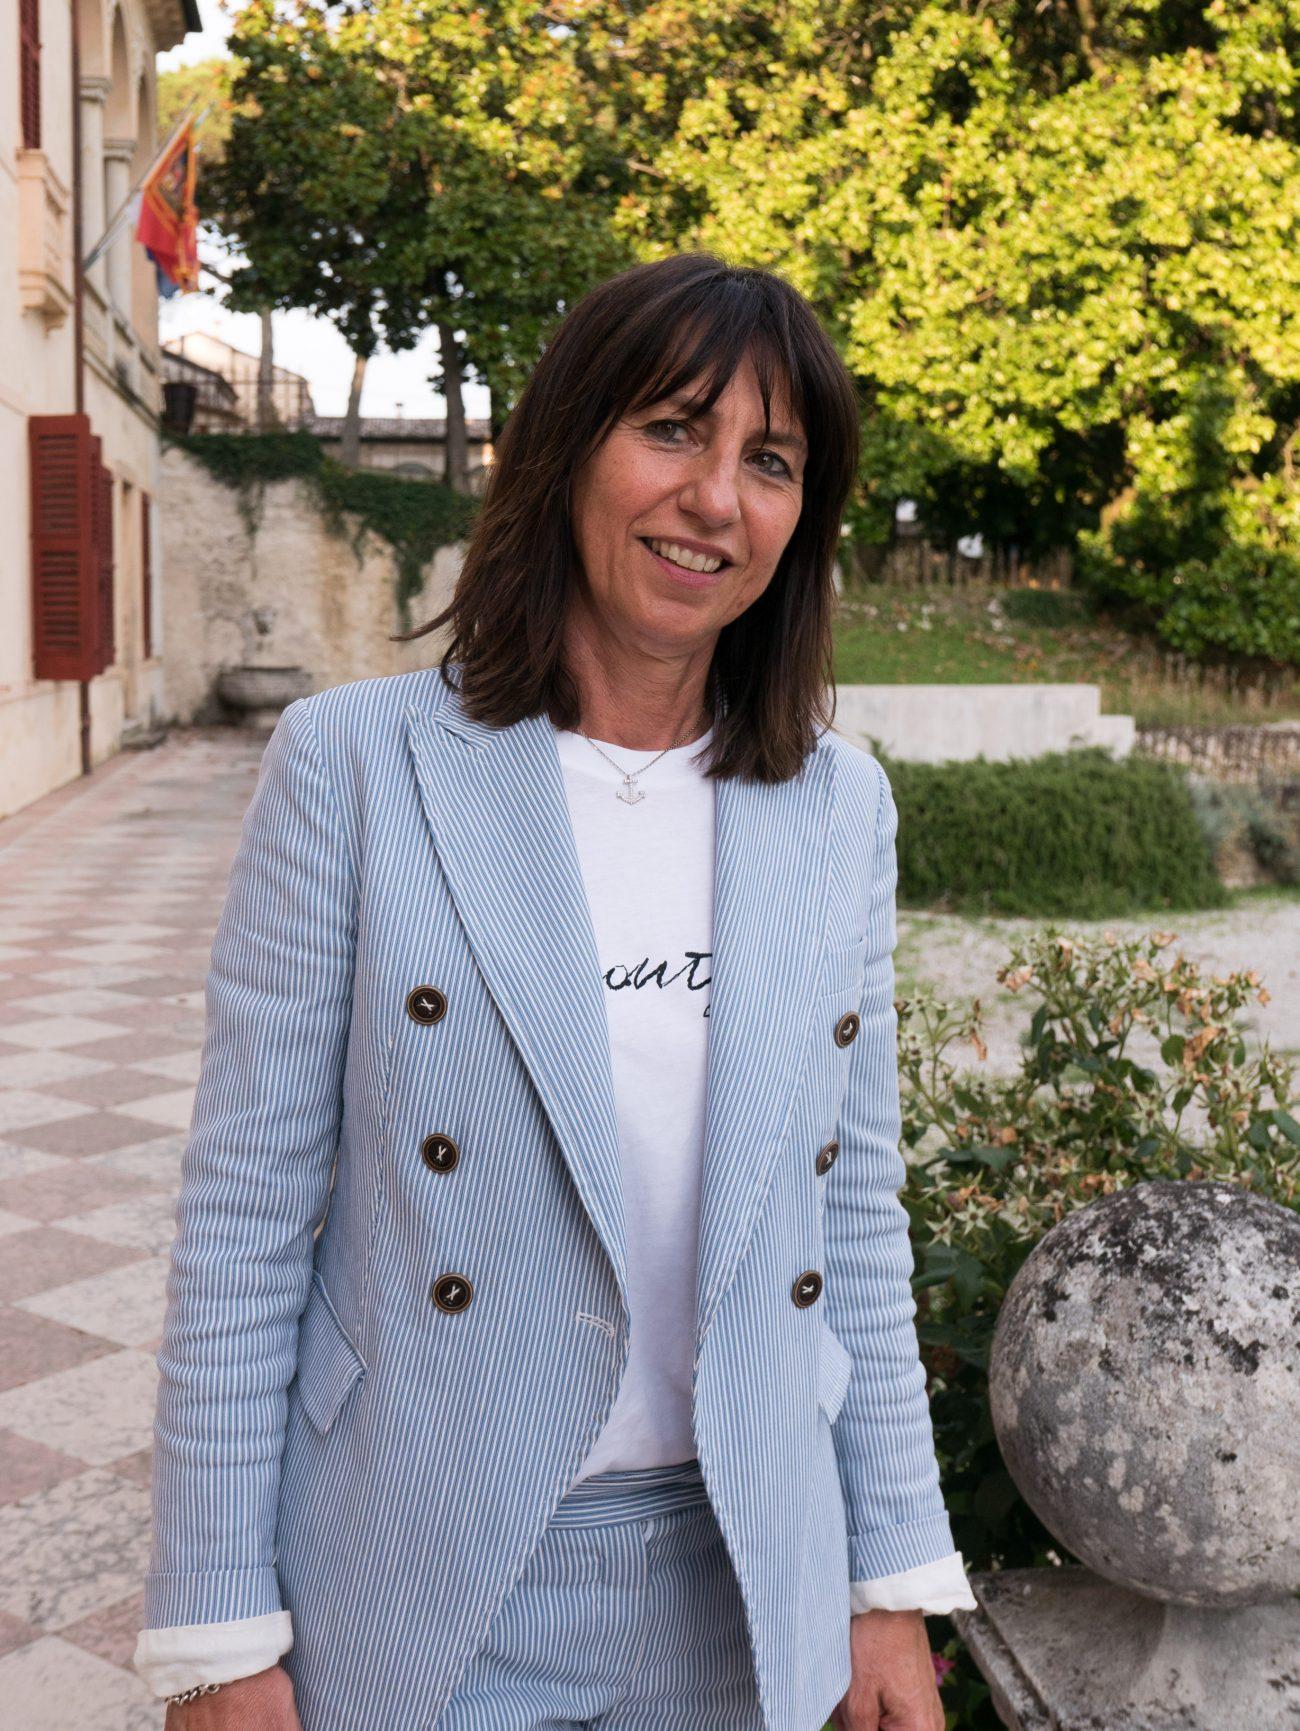 Nomina Bortolomiol i complimenti dell'Associazione Colline Conegliano e Valdobbiadene